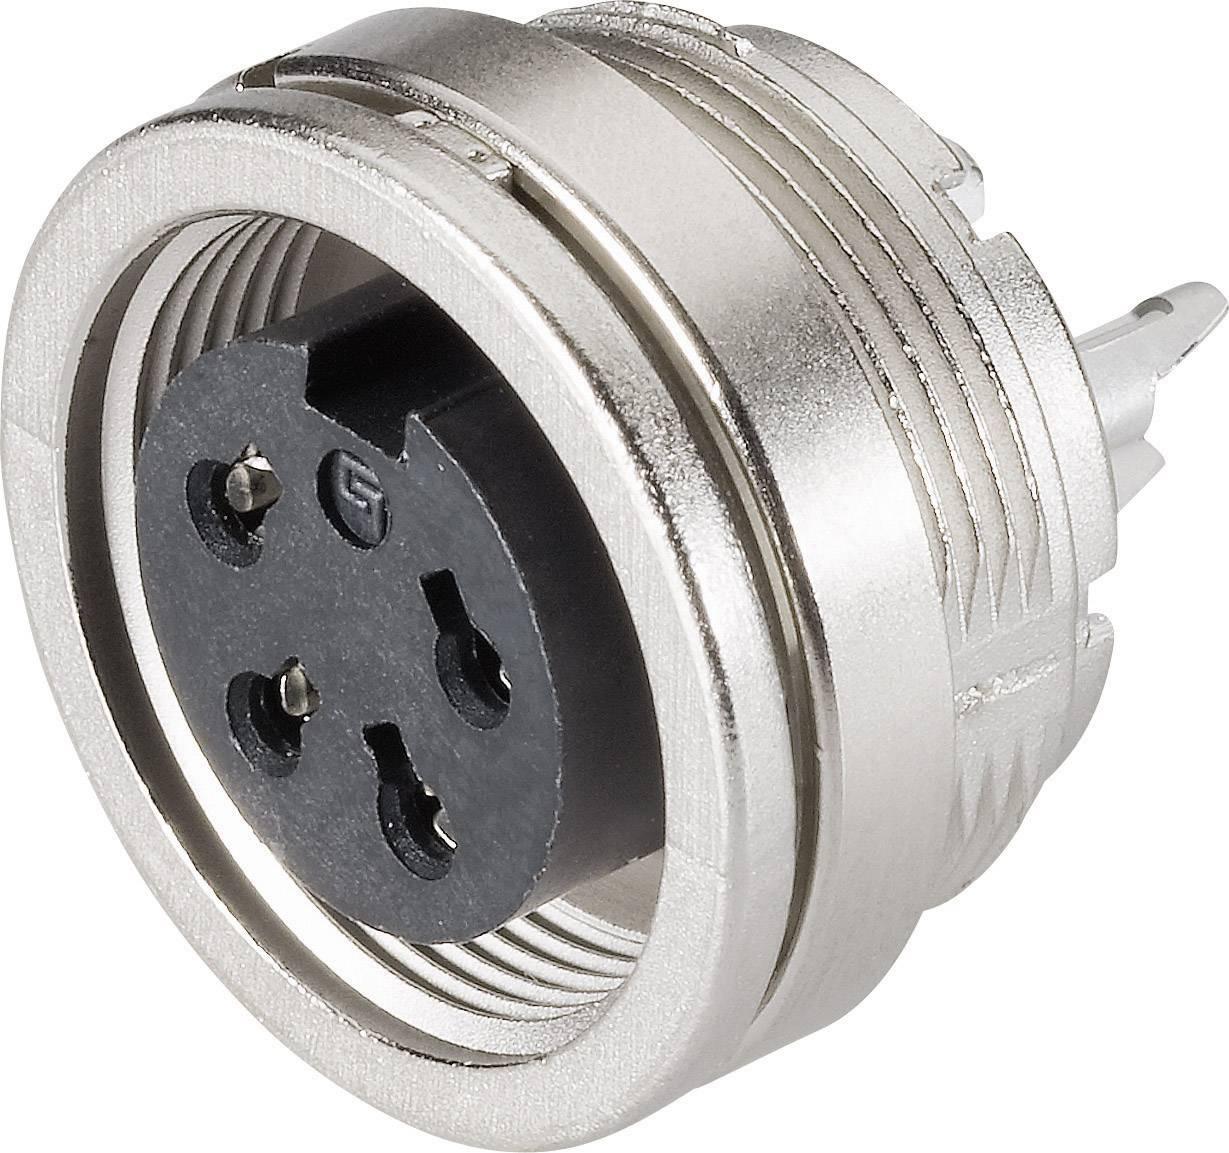 Miniatúrny okrúhly konektor Binder 09-0474-00-08 IP40, poniklovaná, 1 ks